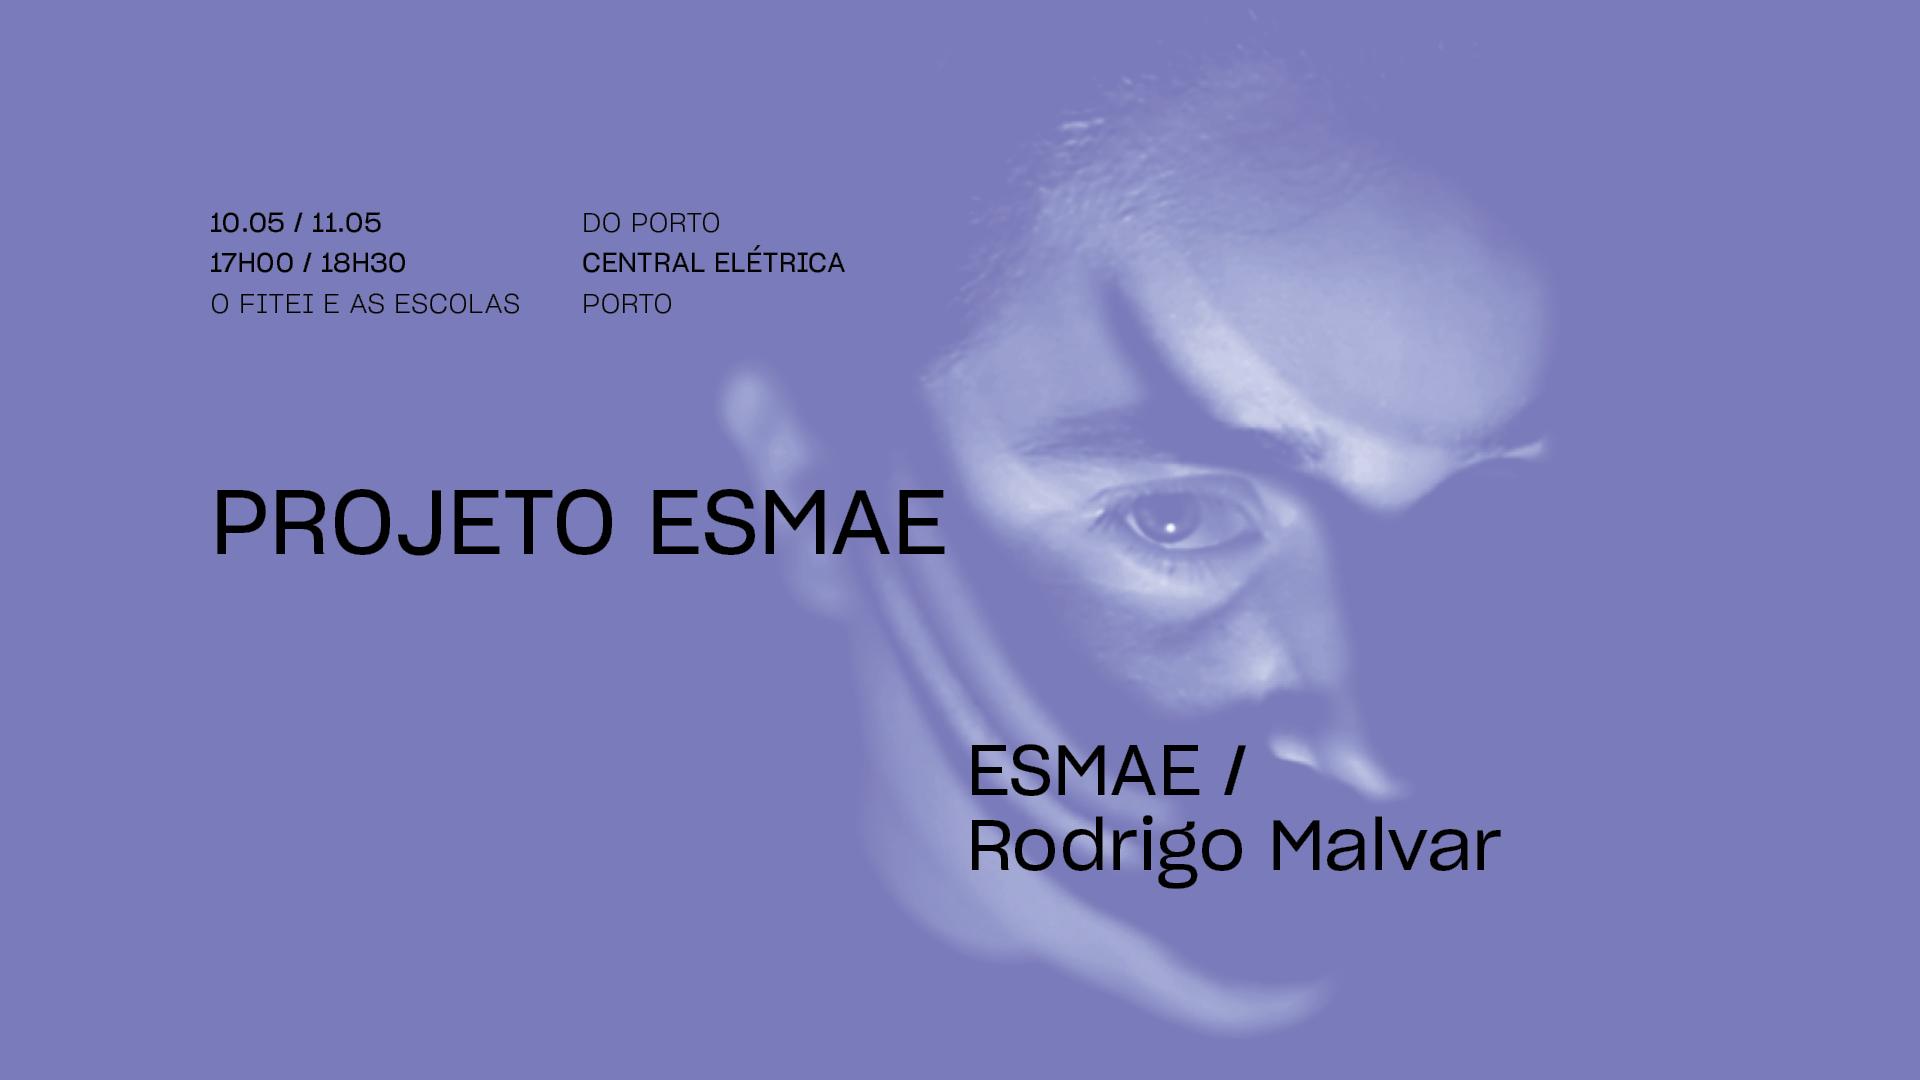 Projeto ESMAE • ESMAE / RODRIGO MALVAR   FITEI 2021